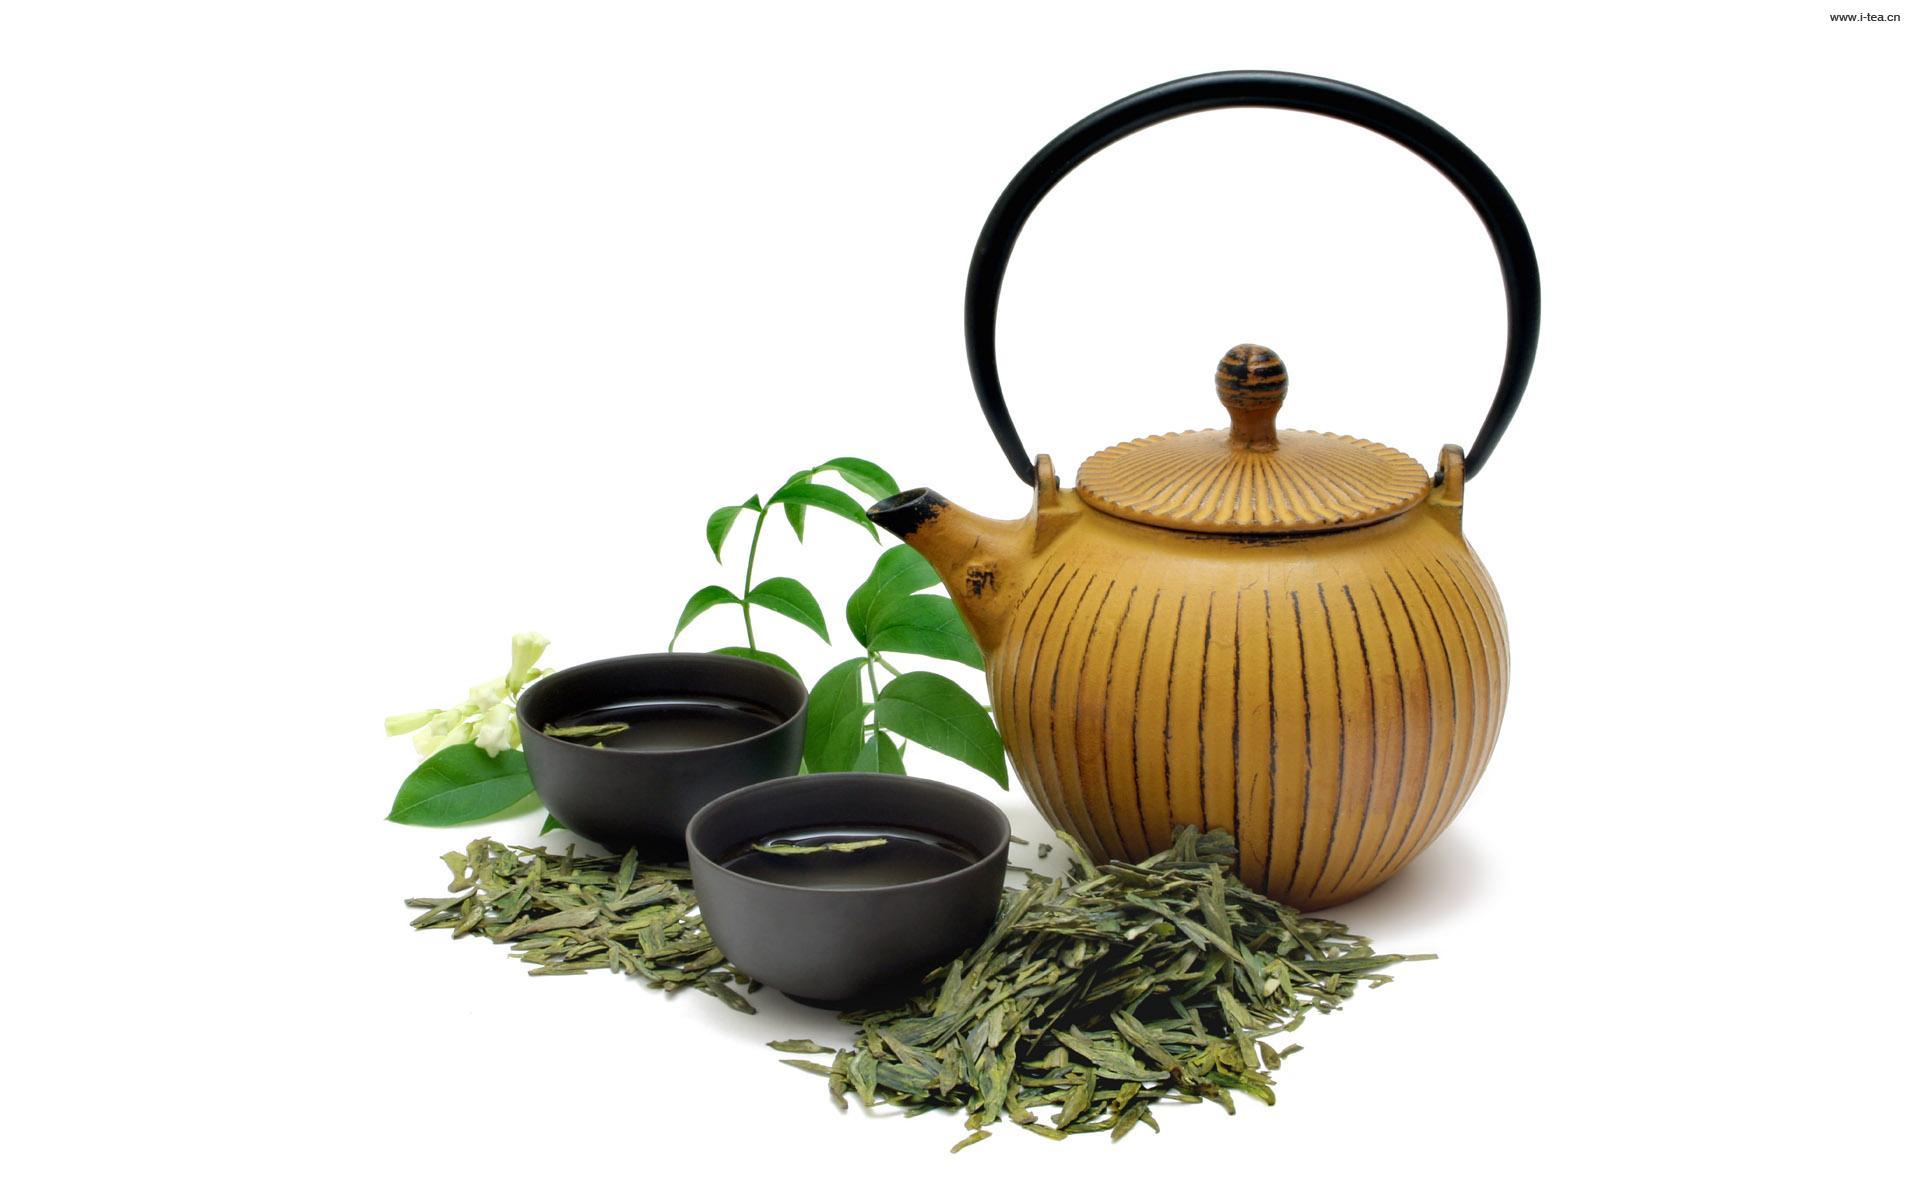 品茶与风景意境图